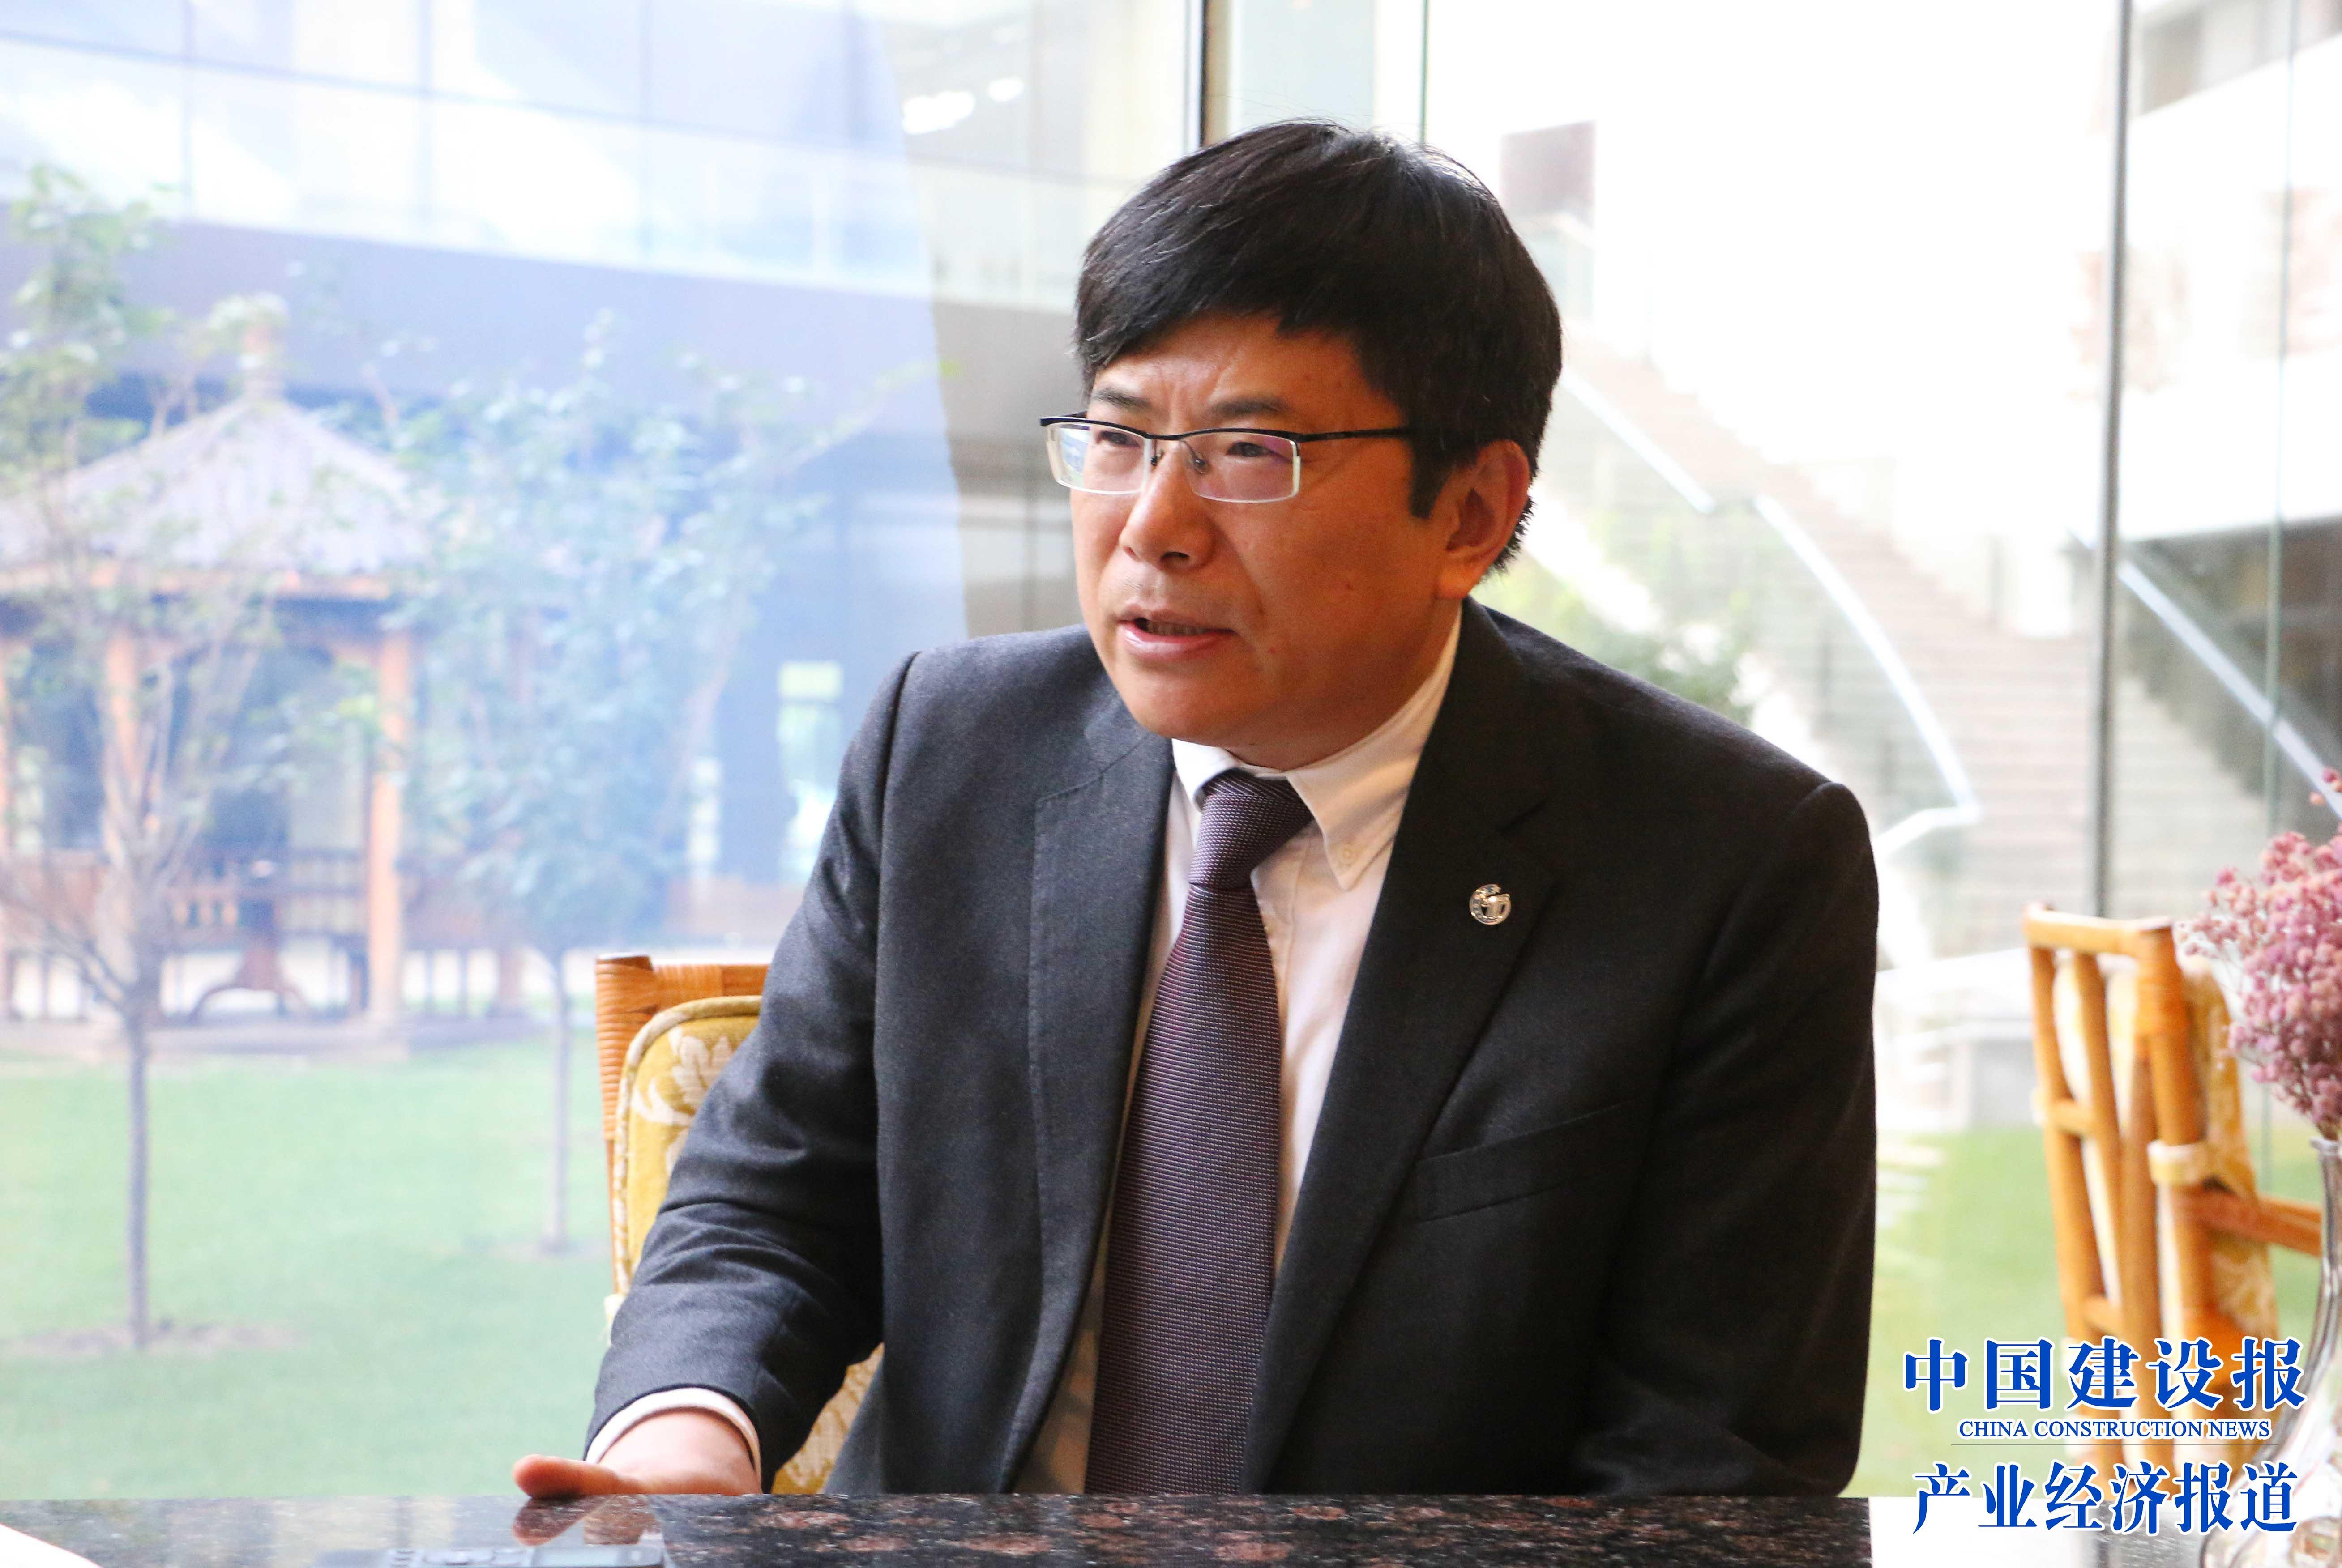 对话中国旅游研究院院长戴斌:借力文旅融合促进历史文化名城名镇名村的保护利用